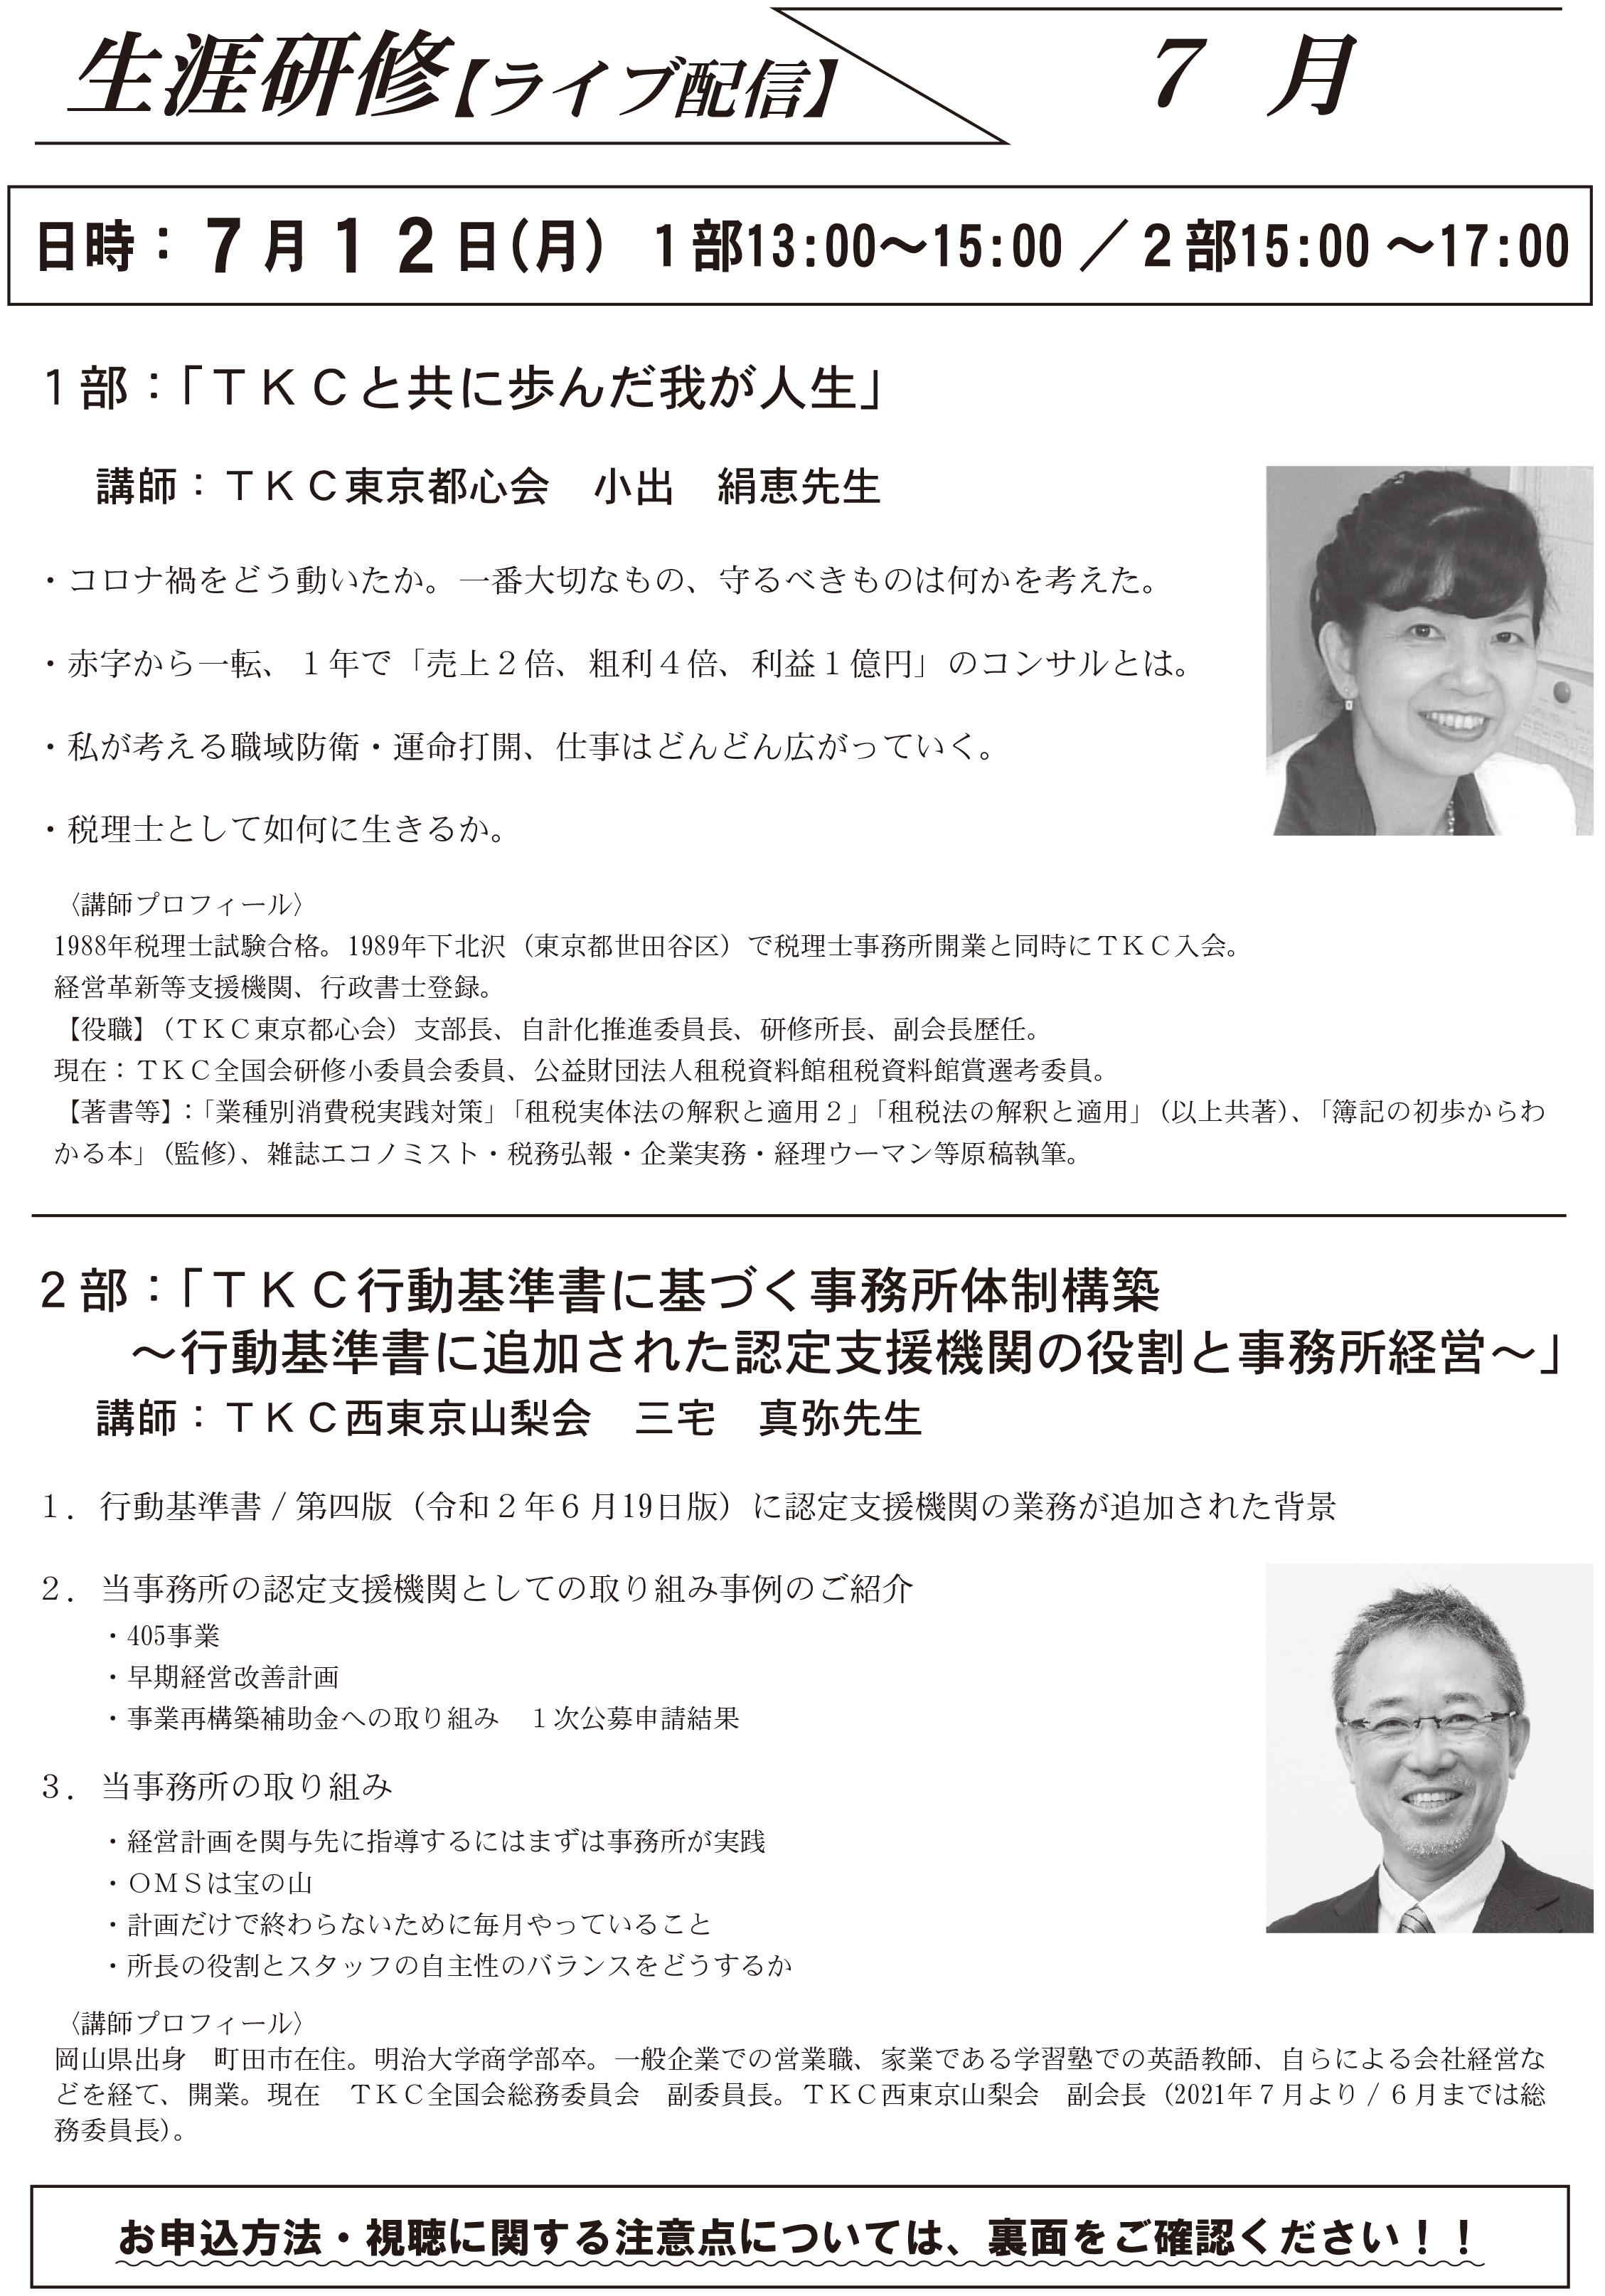 生涯研修開催案内(案)-(2)-1.jpg